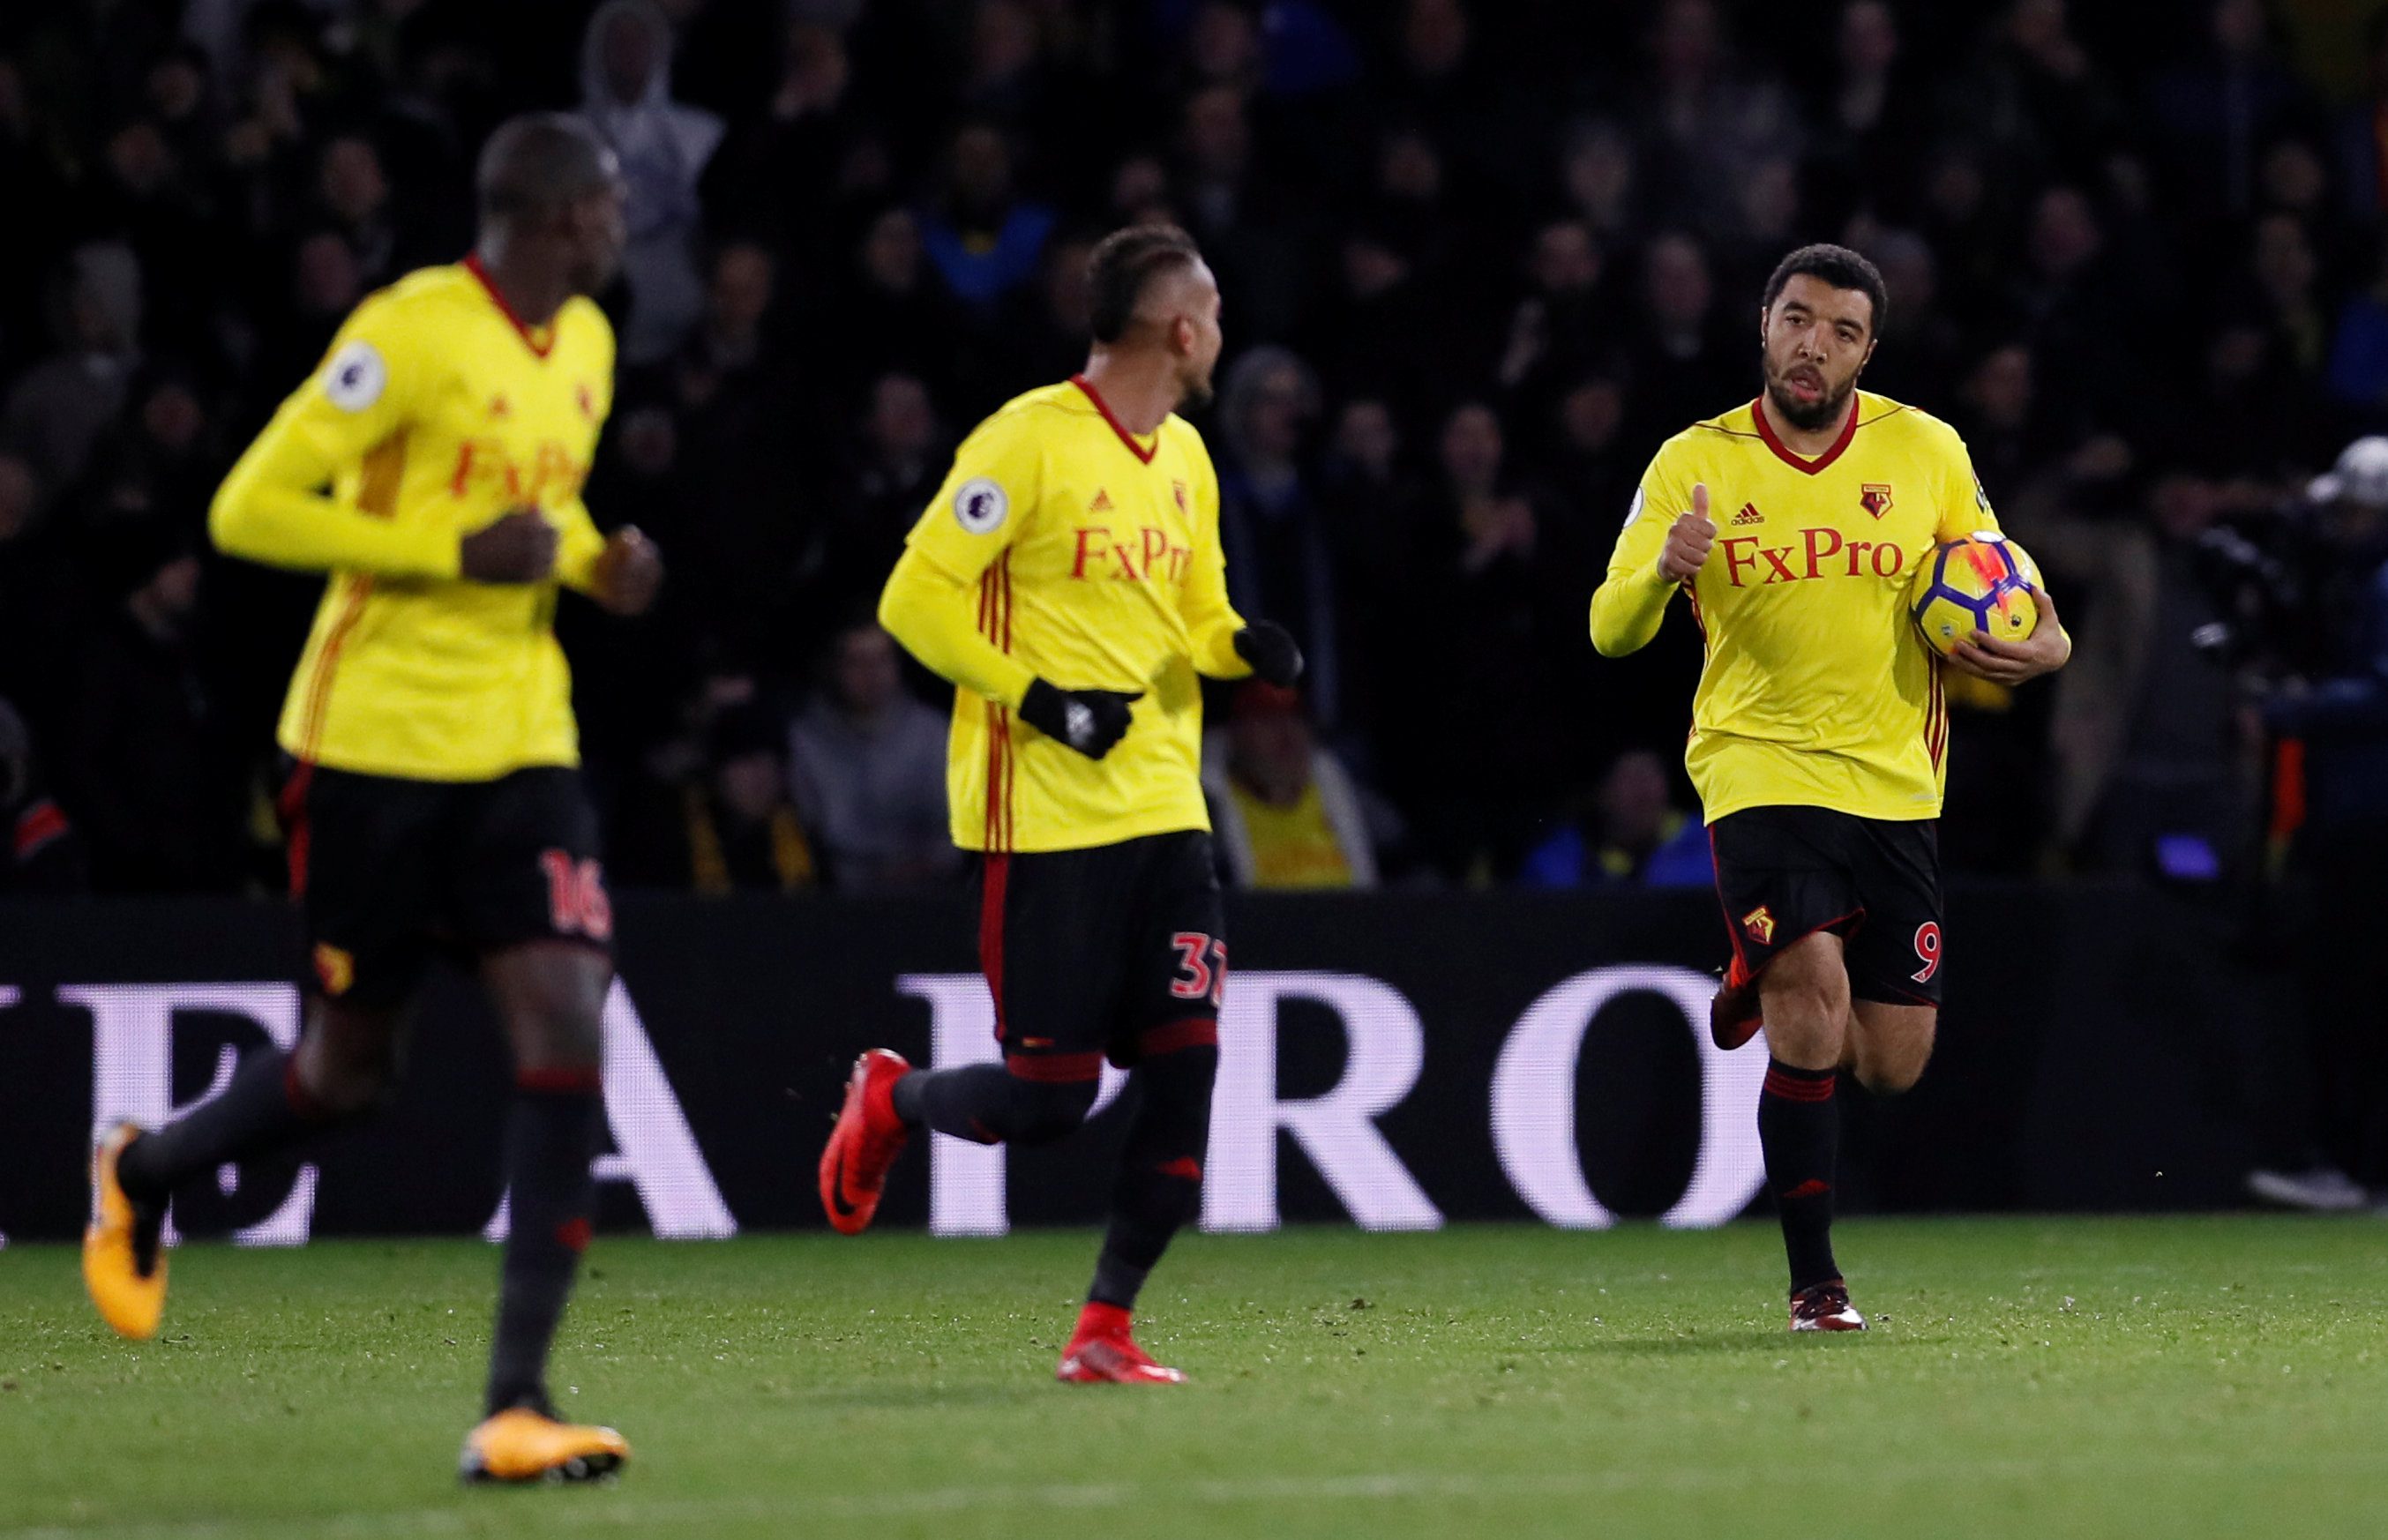 Deeney (phải) - tác giả bàn rút ngắn tỉ số xuống 1-3 cho Watford. Ảnh: REUTERS